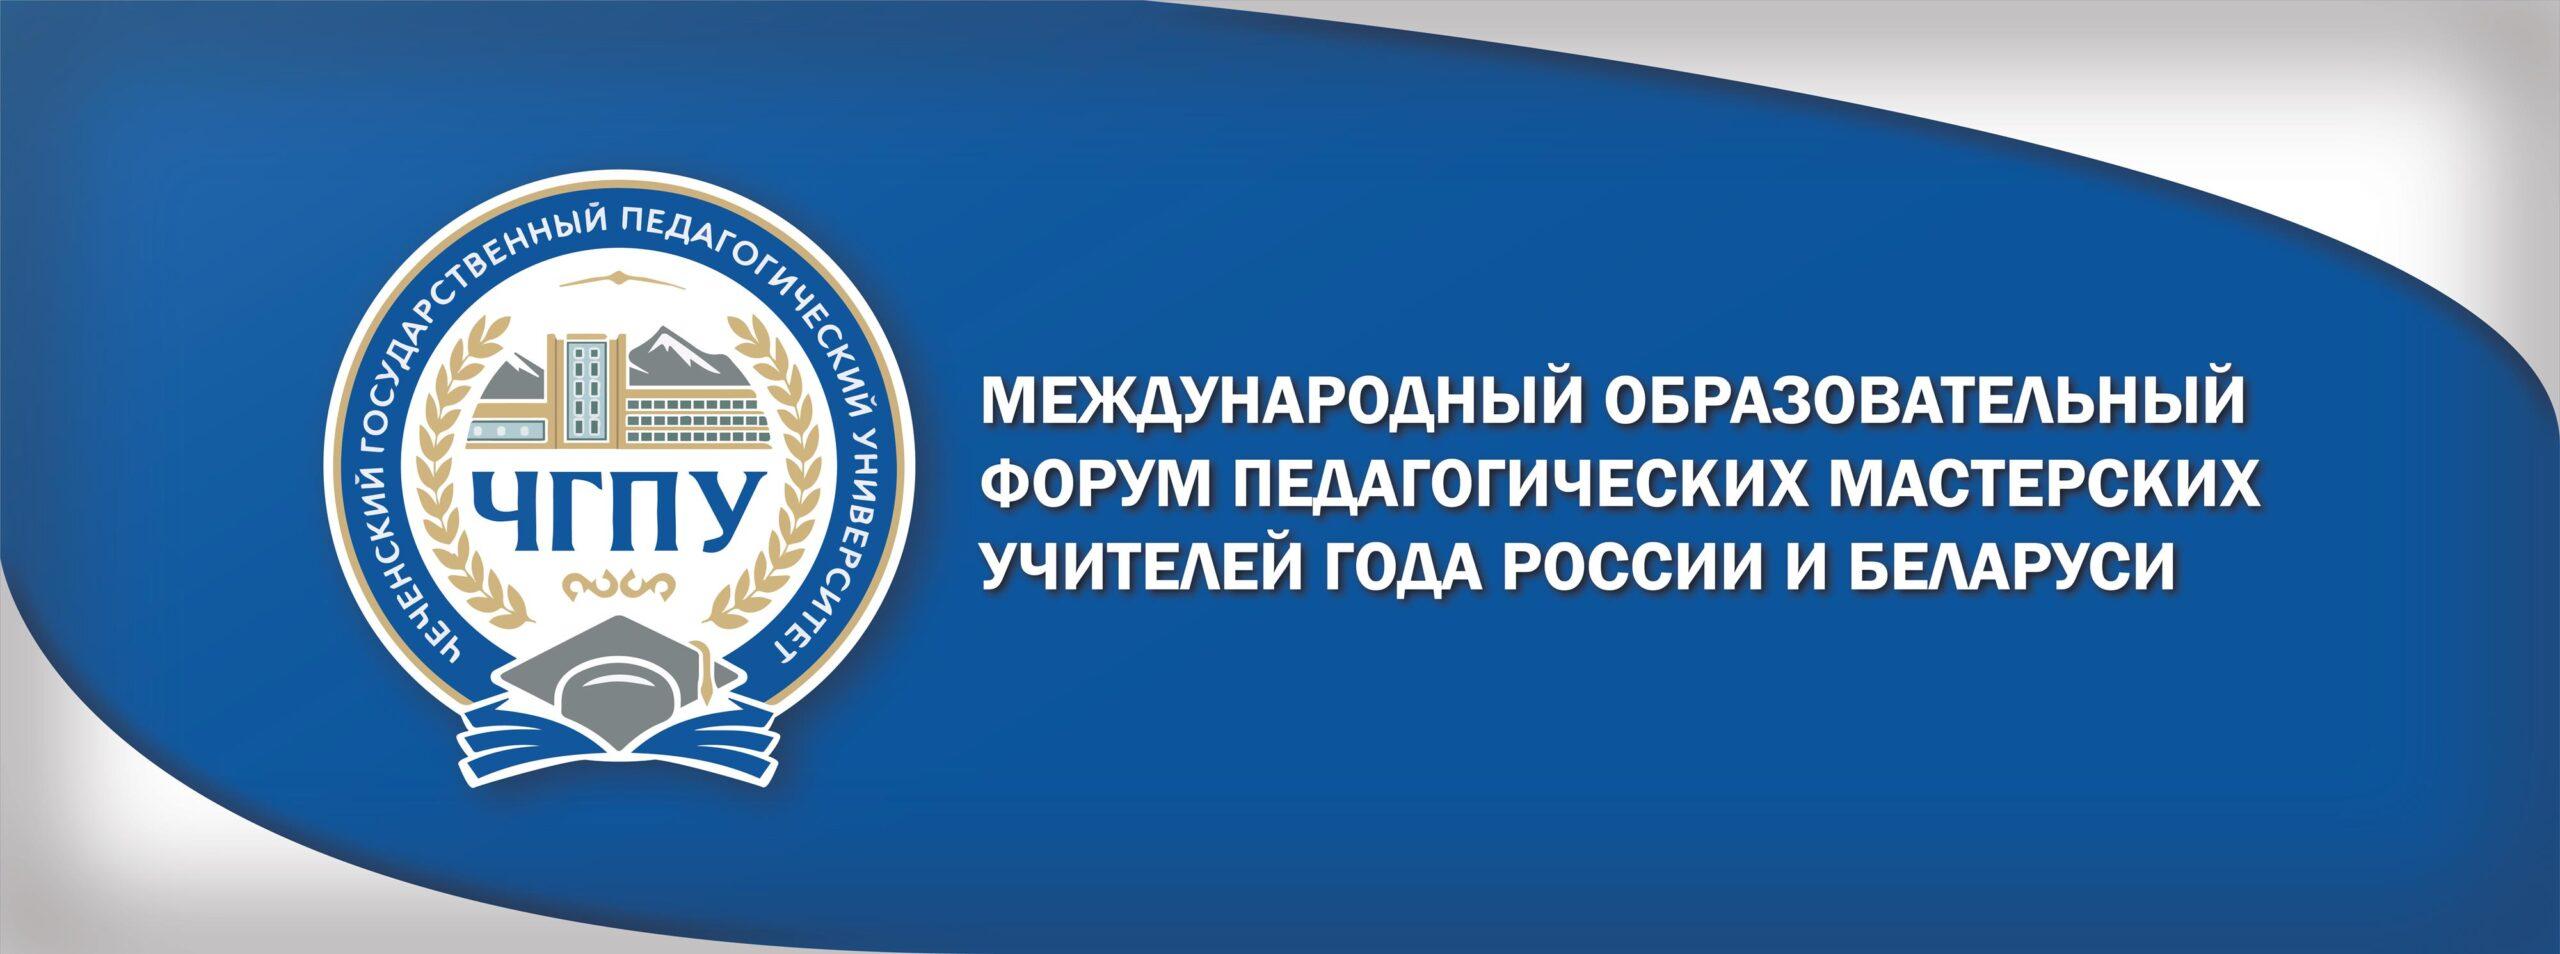 Международный образовательный форум педагогических мастерских учителей года России и Беларуси